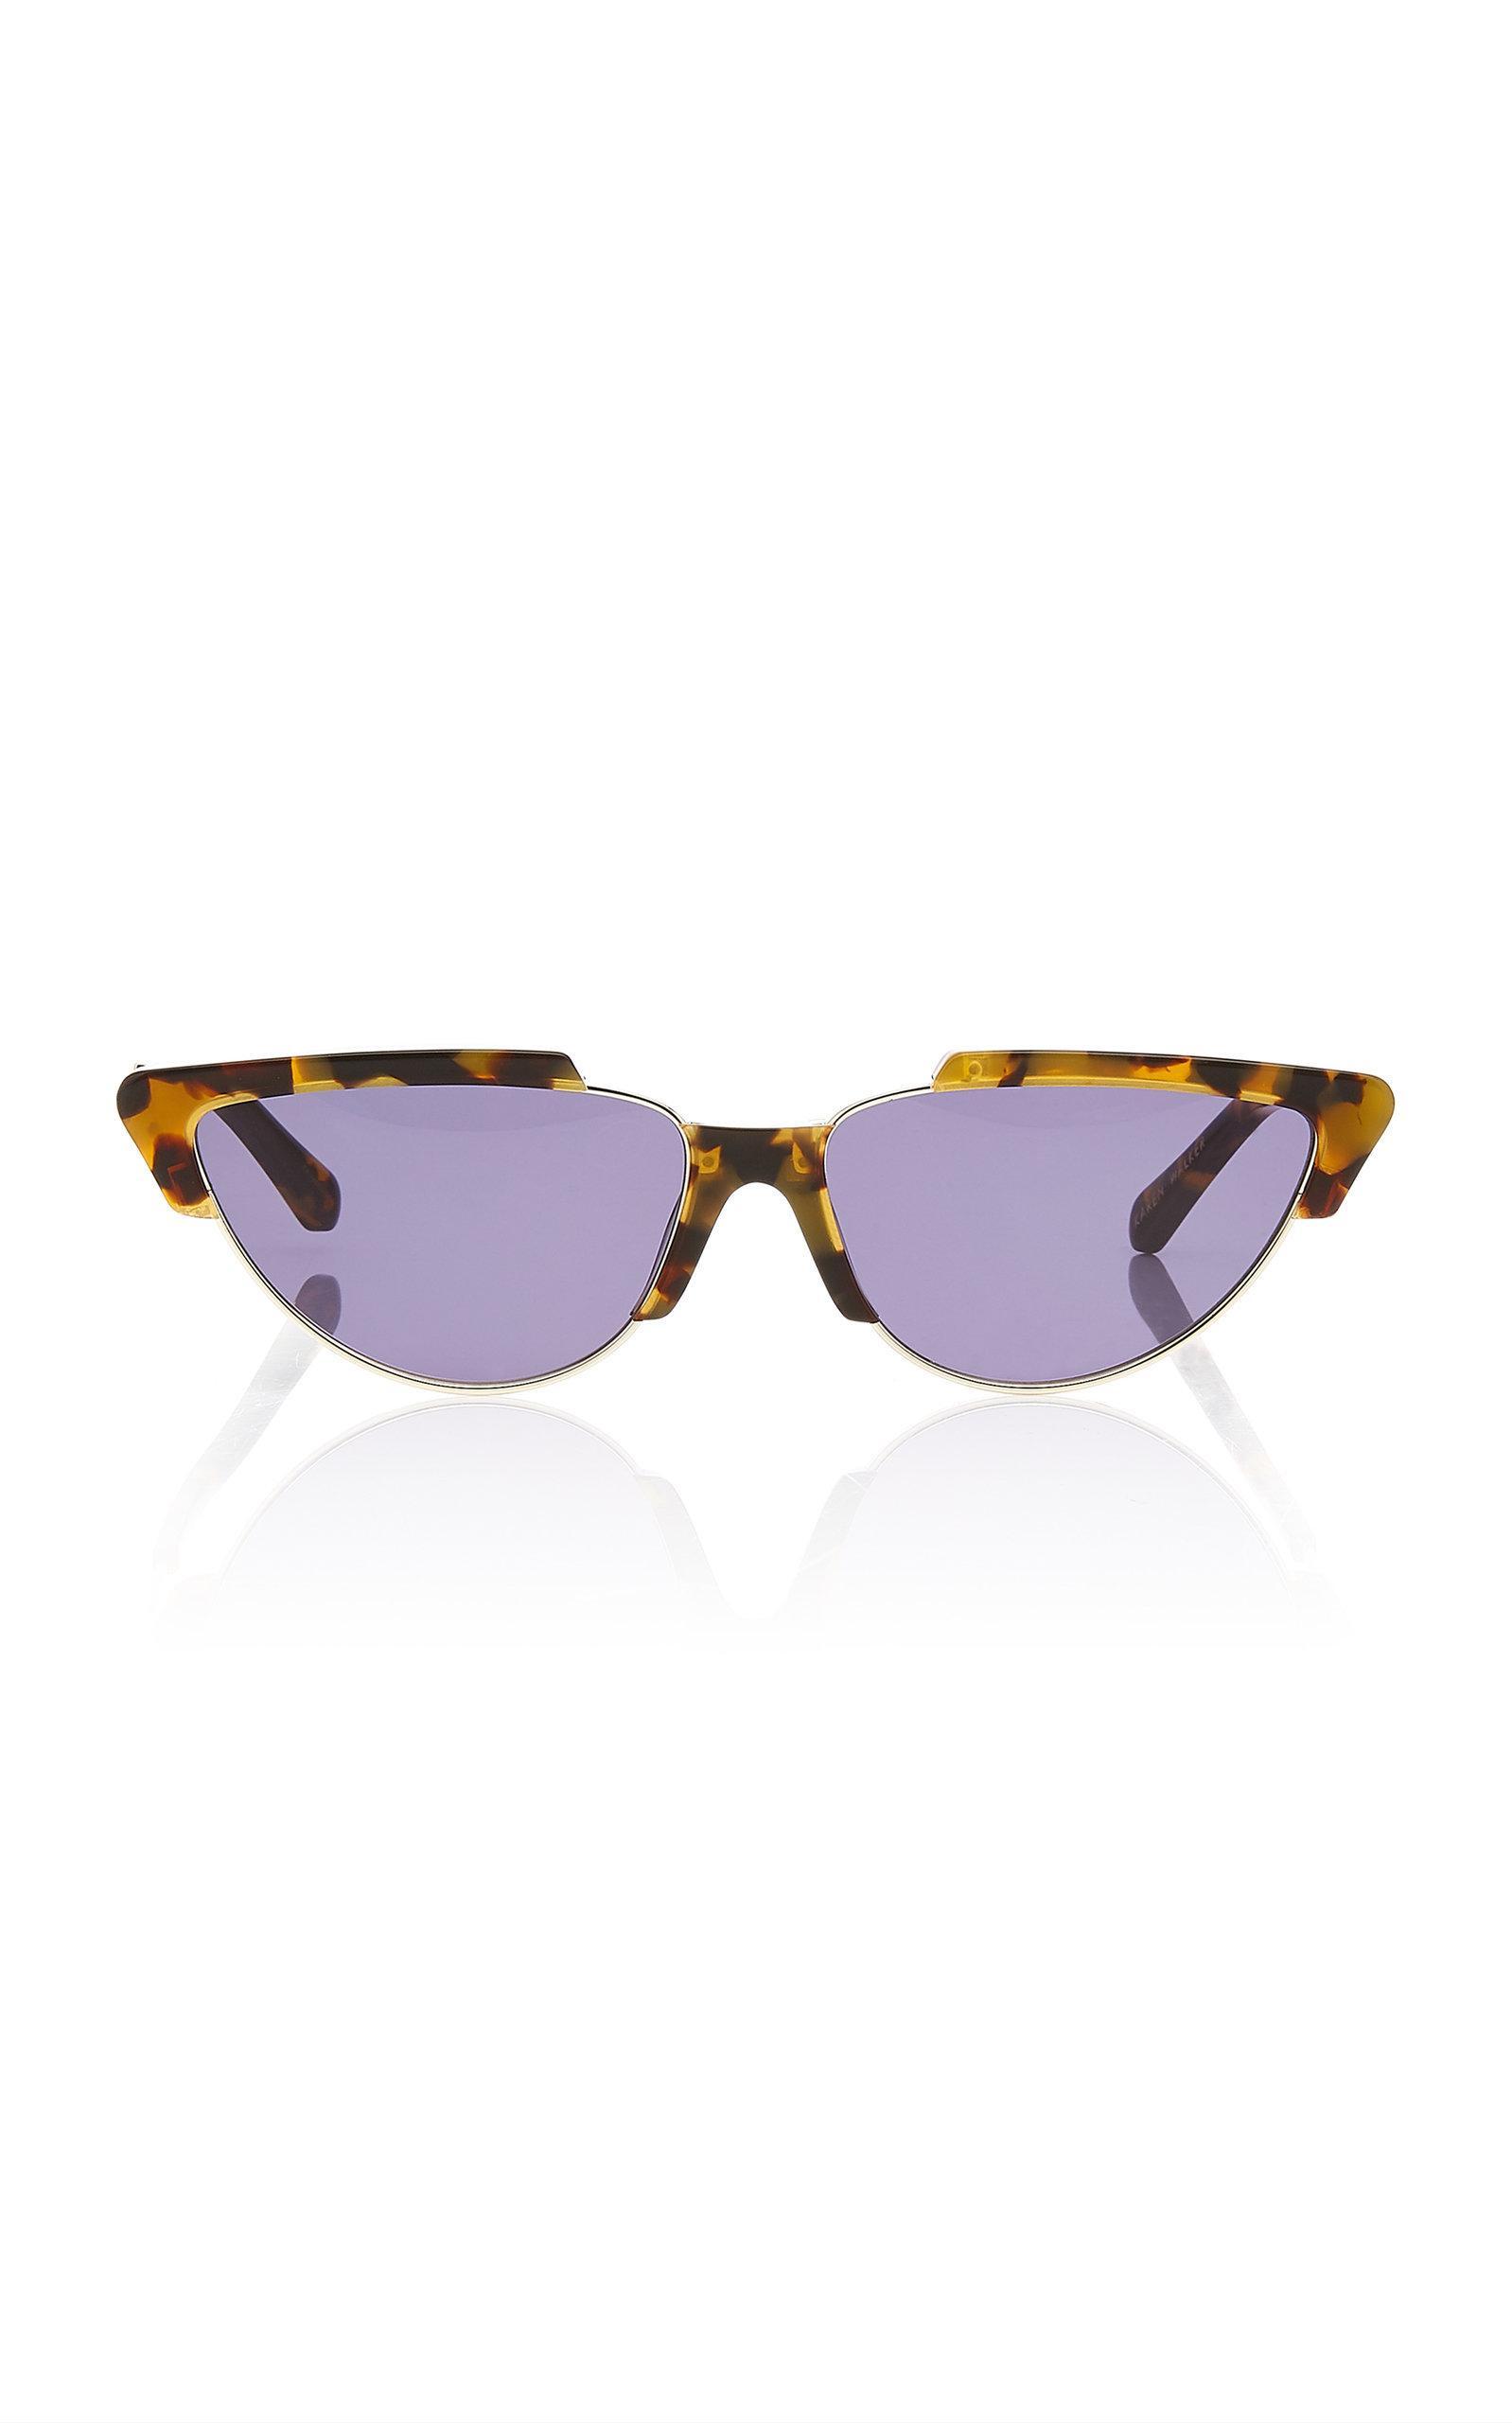 347e60a5d256 Karen Walker Tropics Cat Eye Acetate Sunglasses In Brown | ModeSens